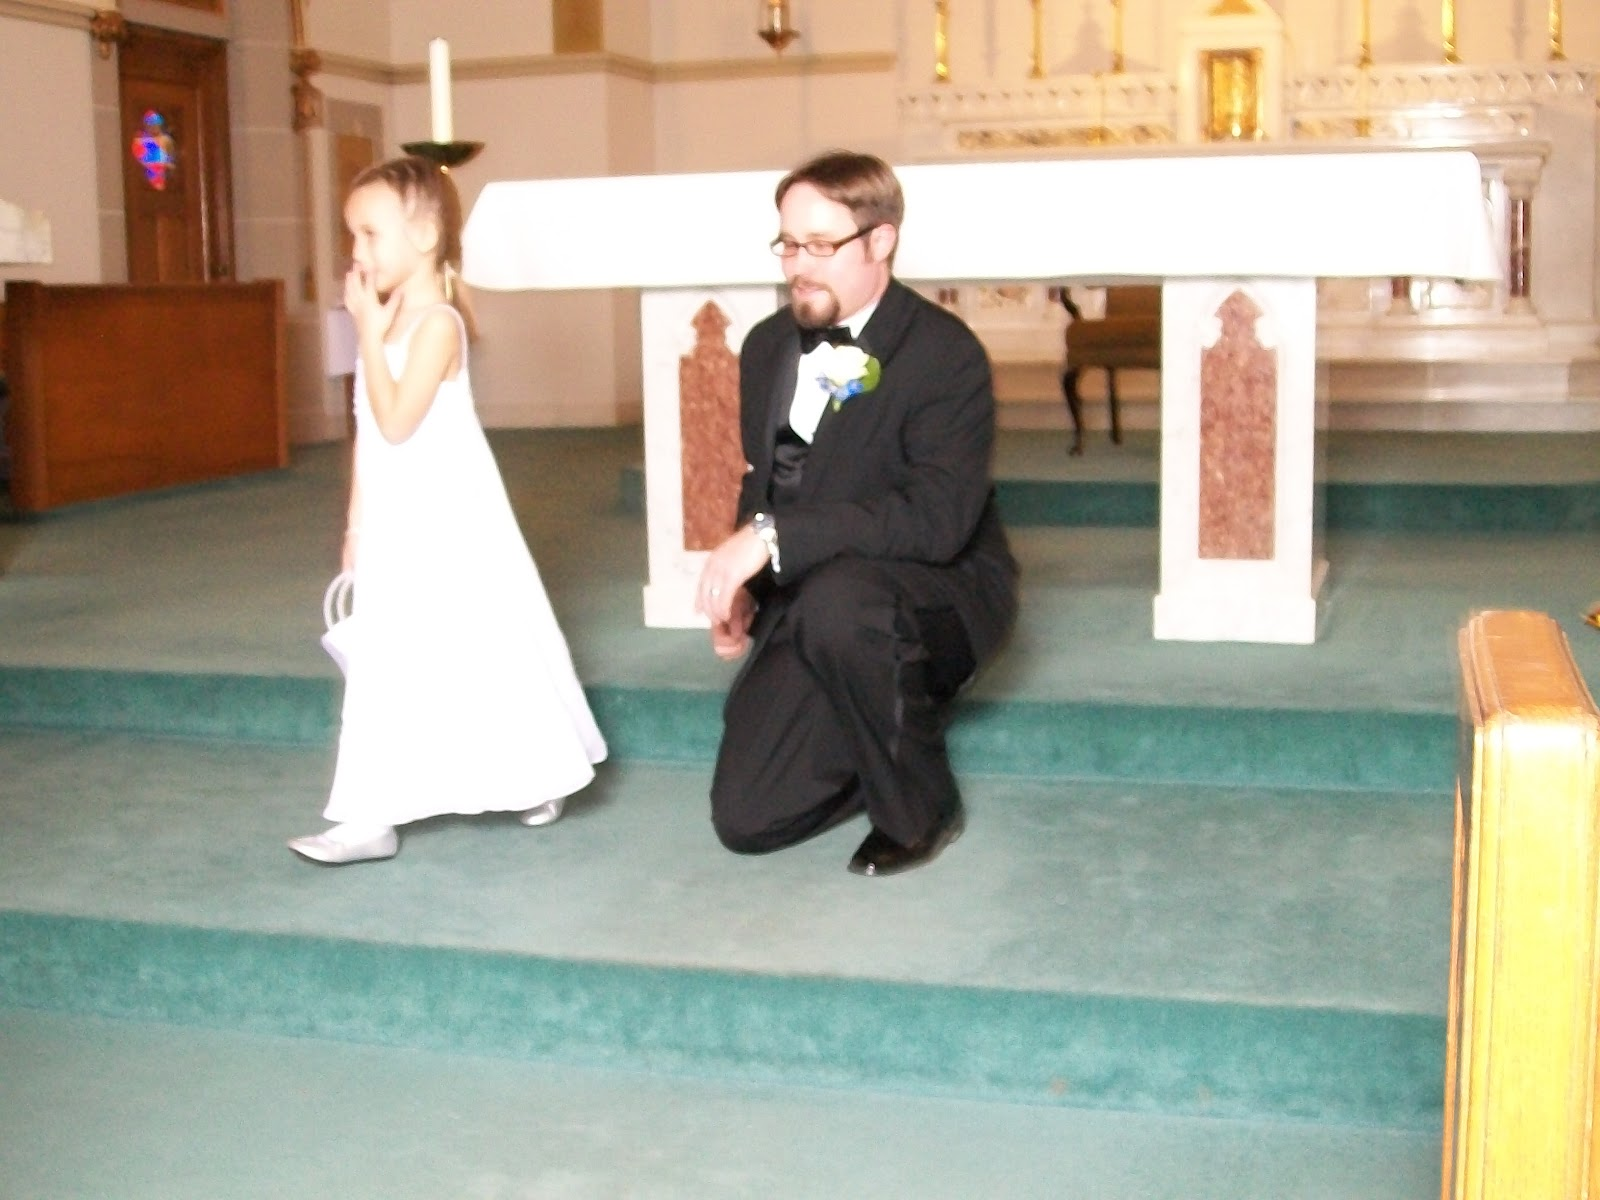 Our Wedding, photos by Joan Moeller - 100_0391.JPG